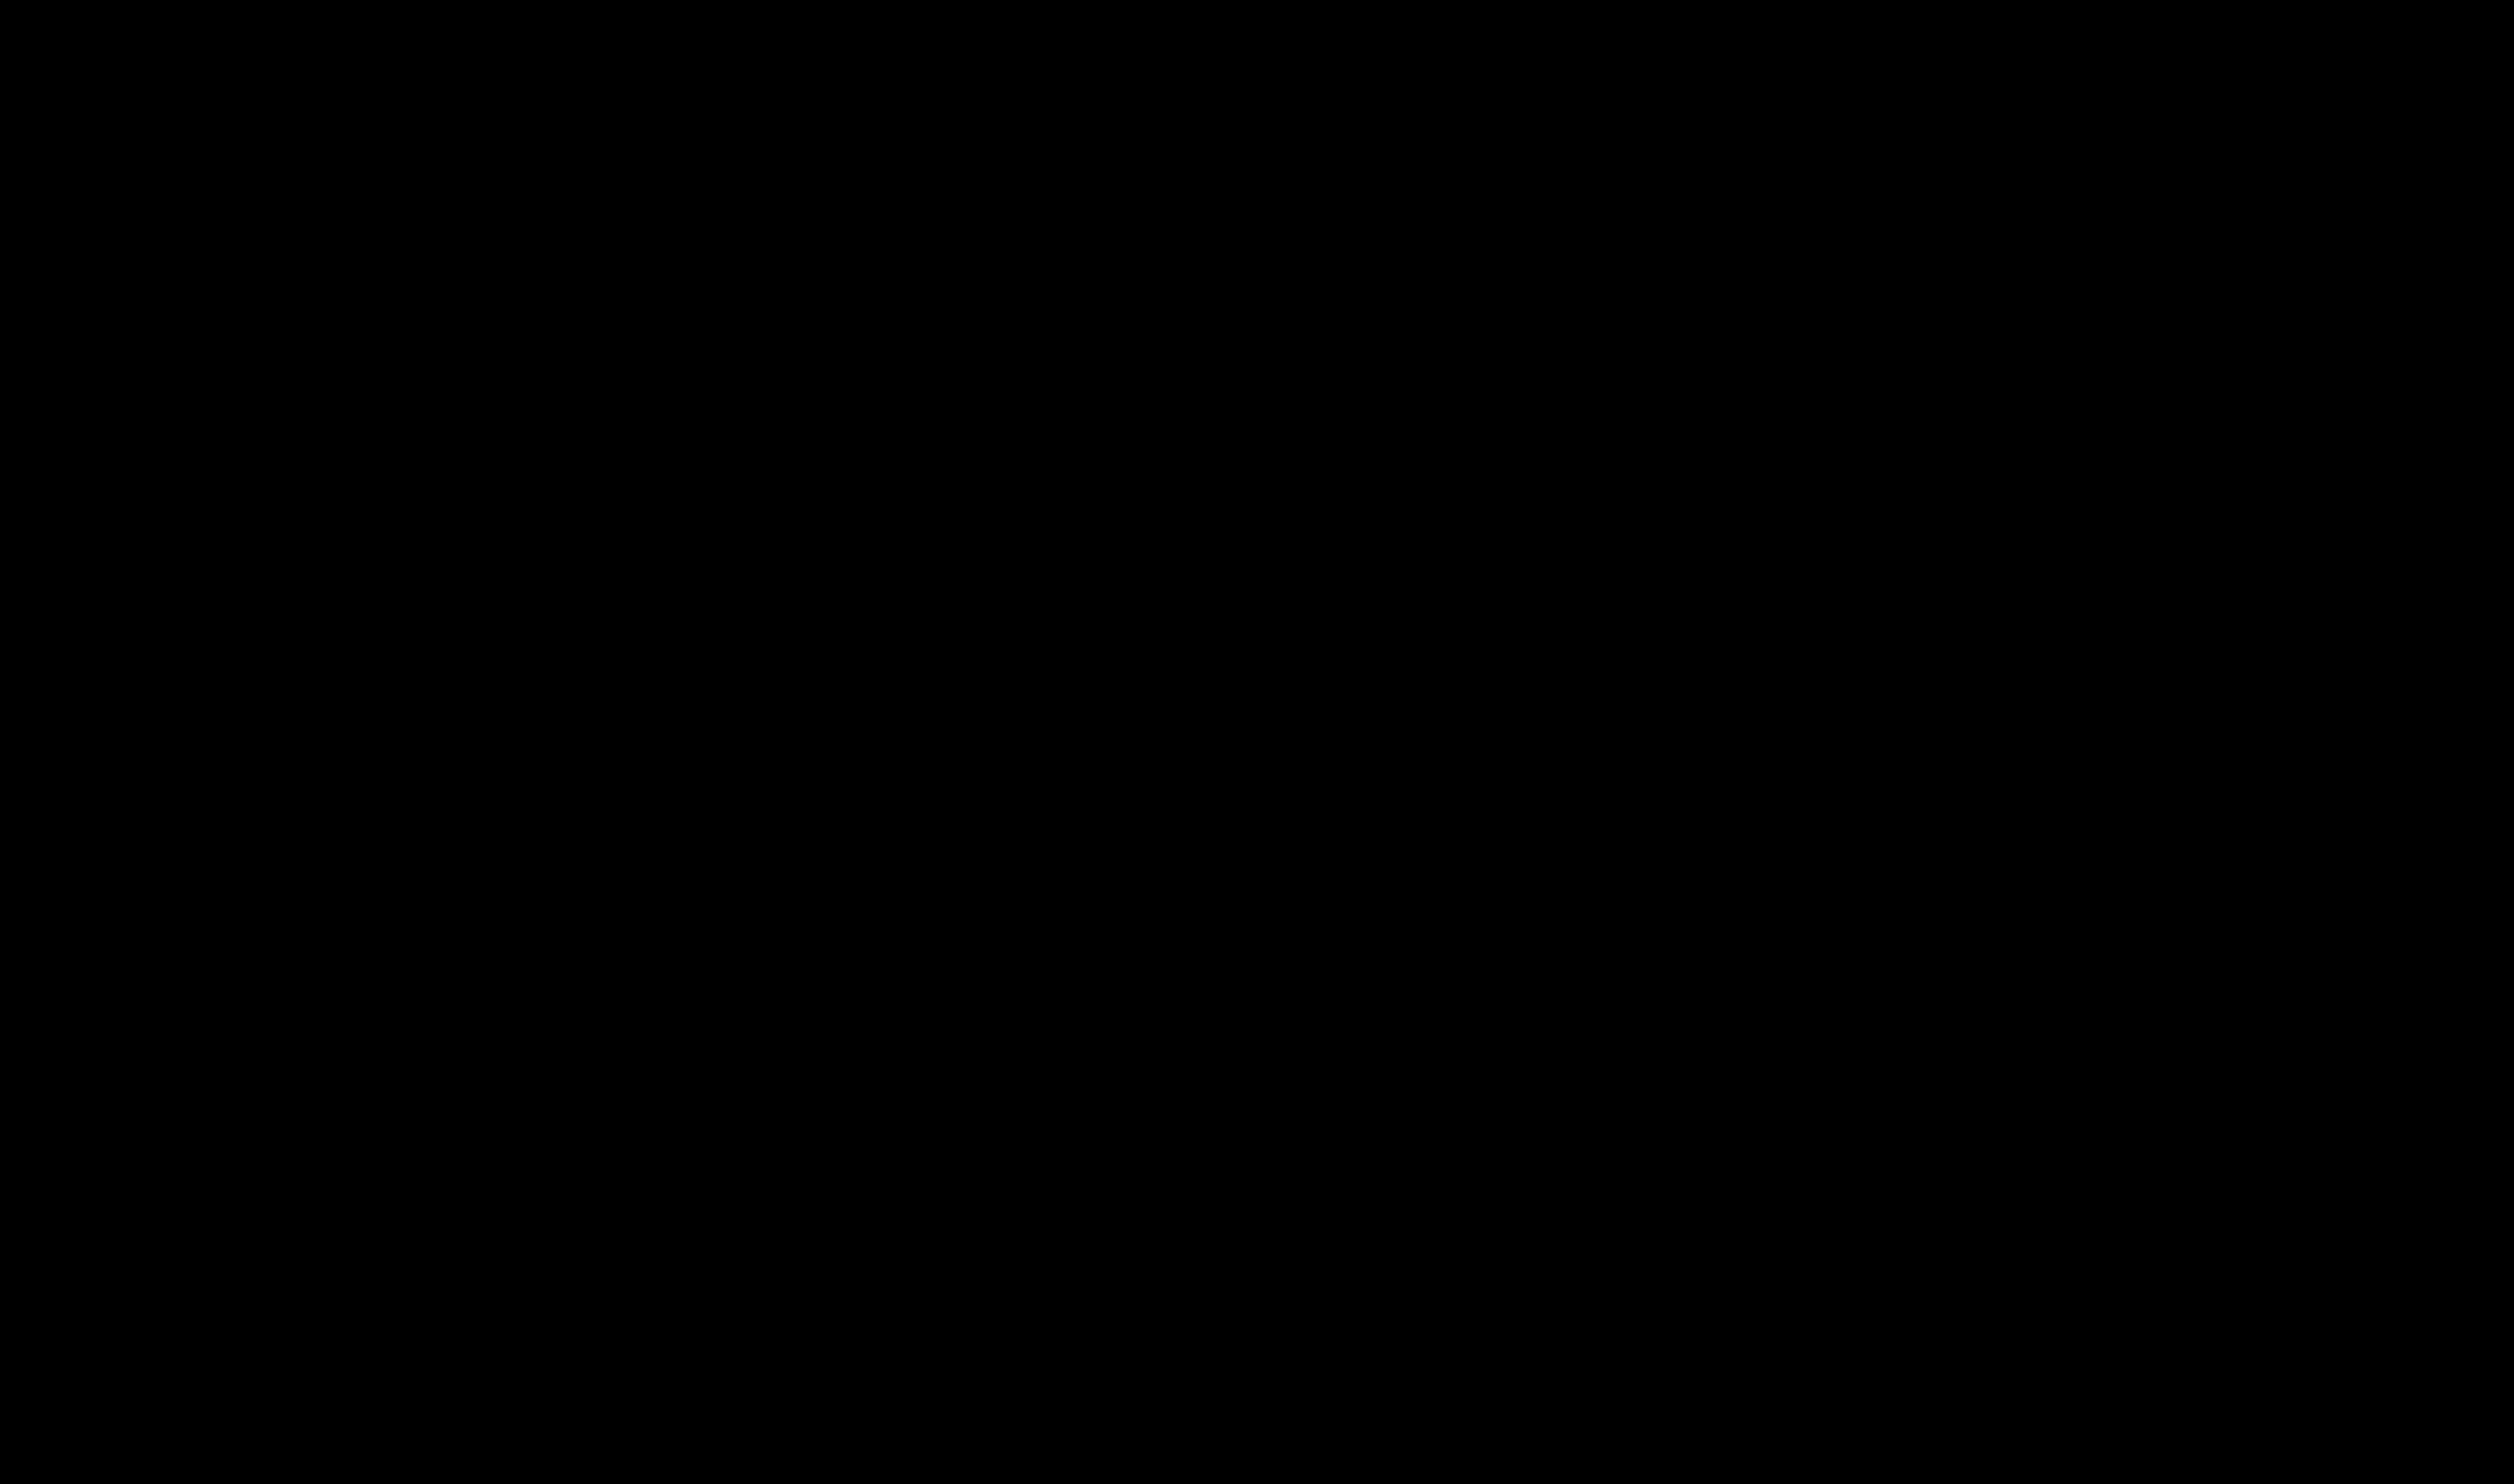 Birdnews logo DK Newjune